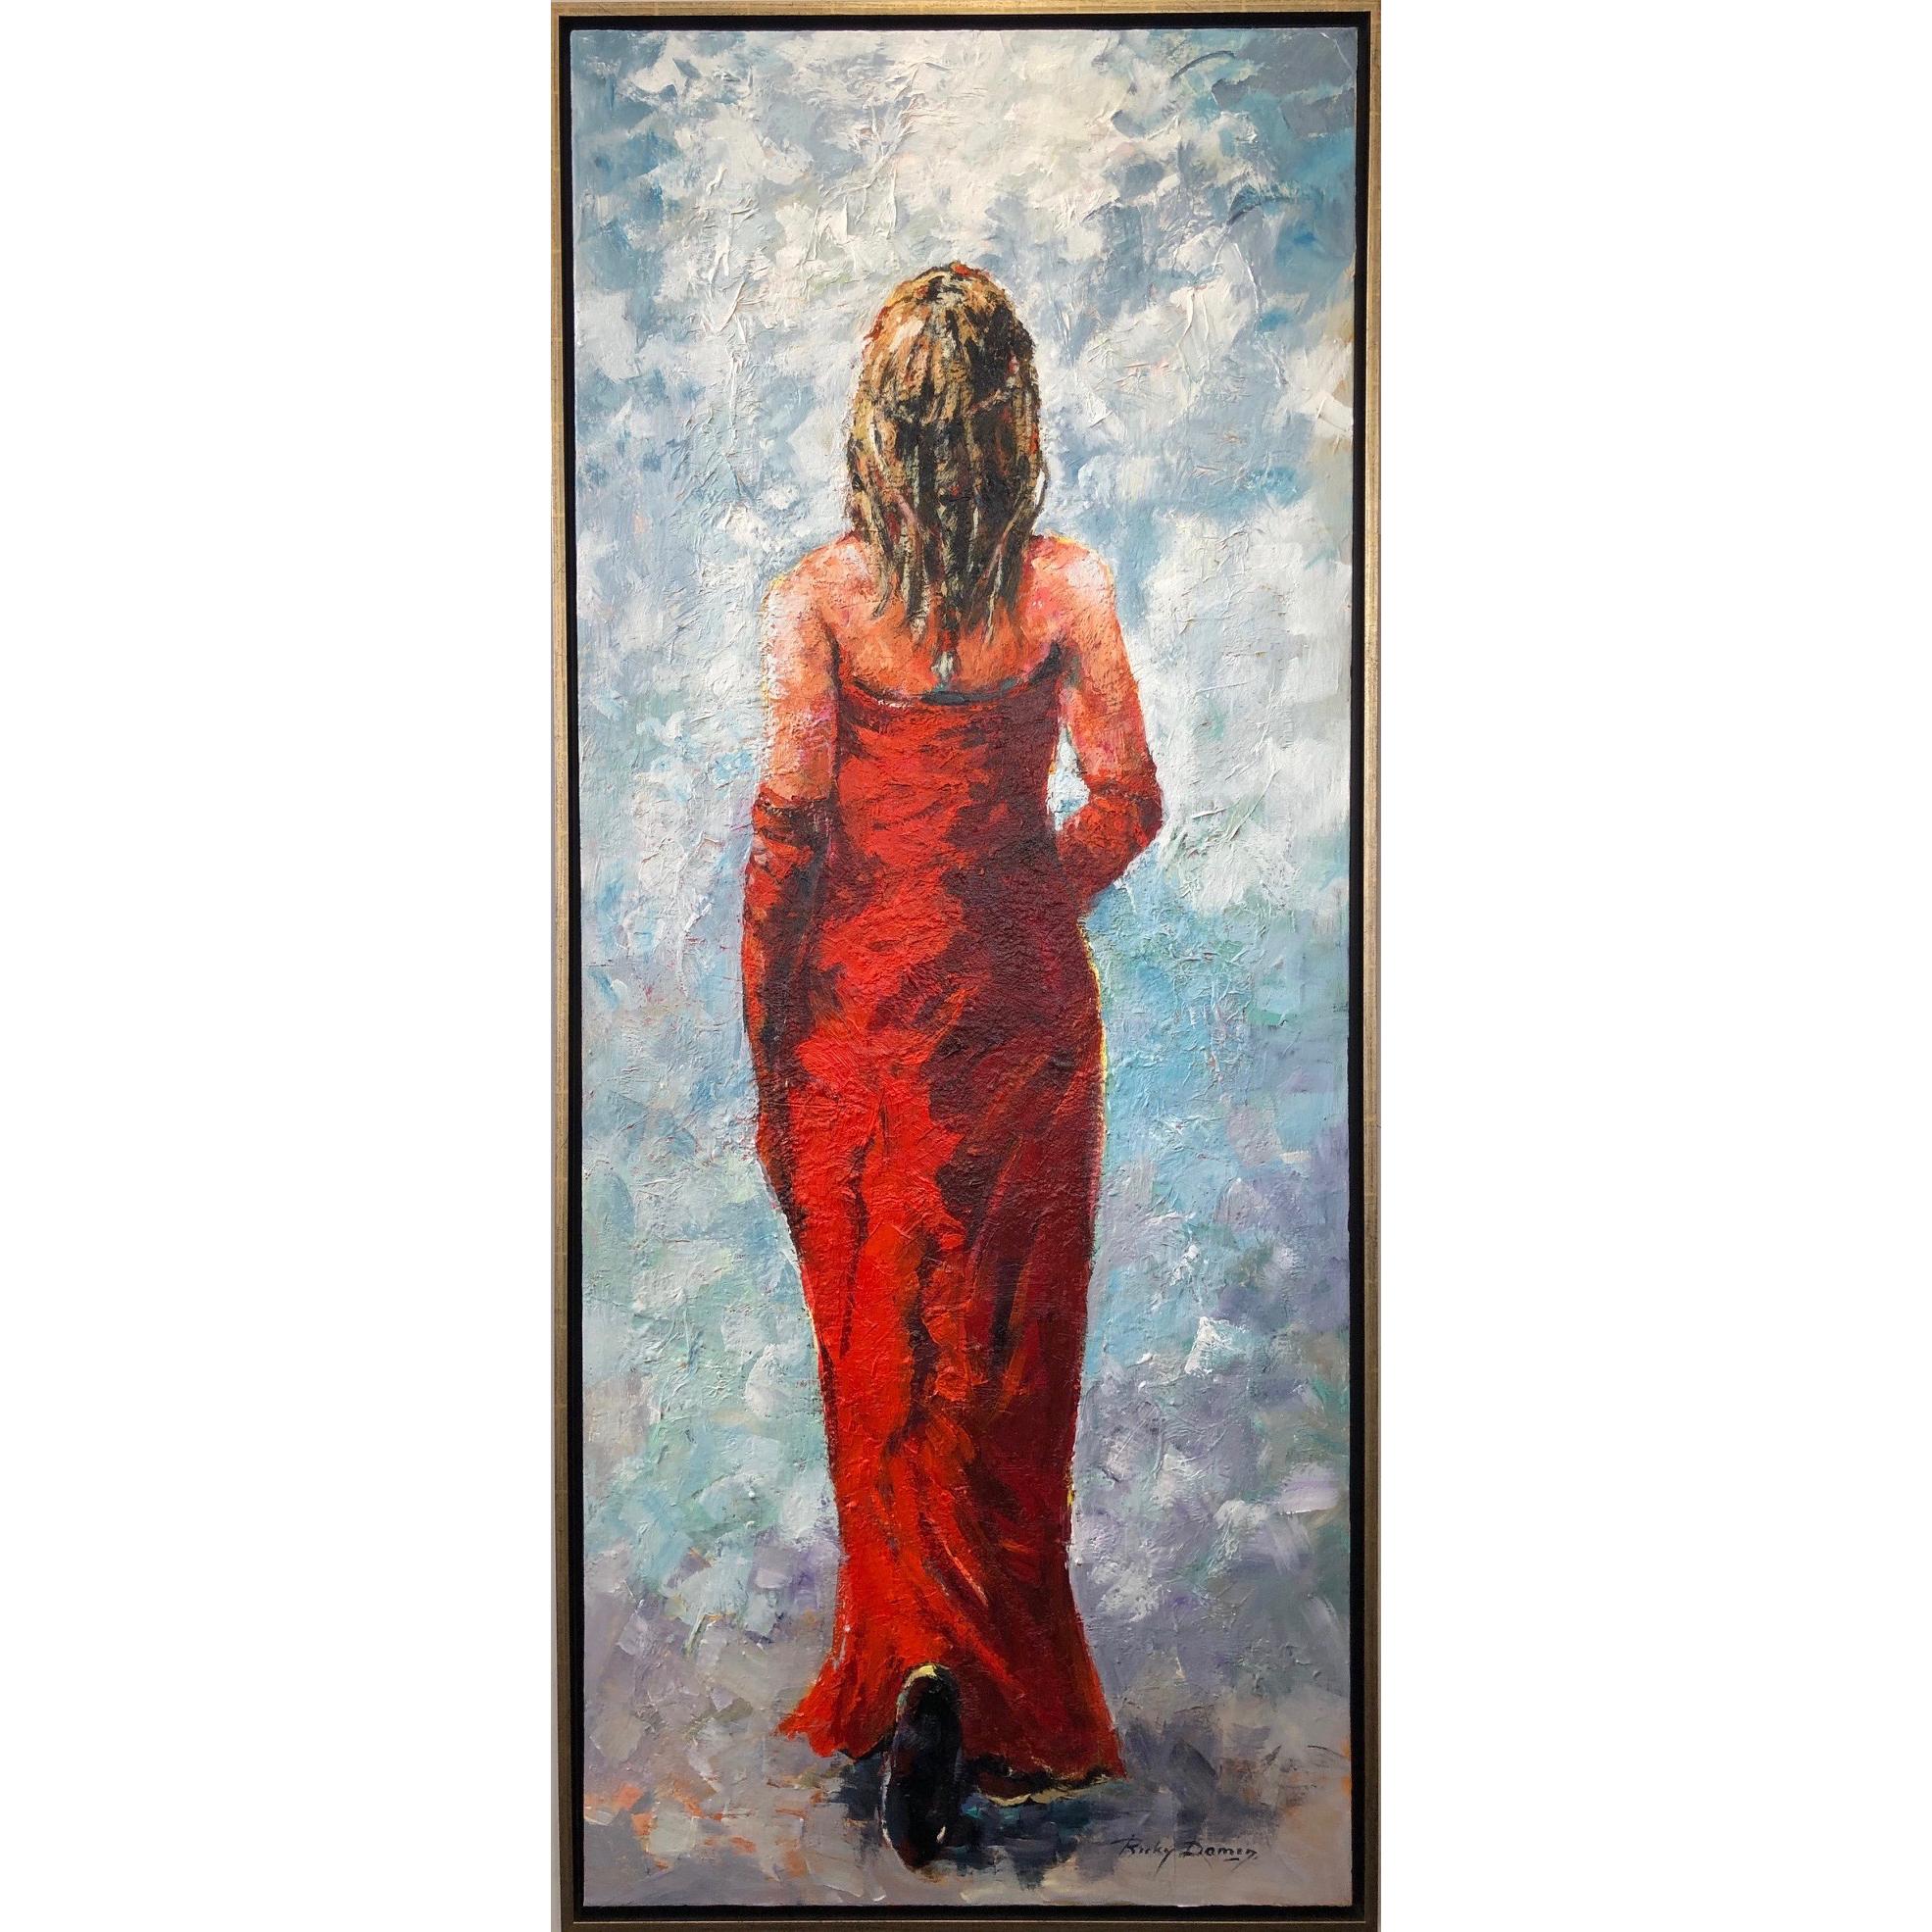 Ricky Damen schilderij 'Midsummer Ball'